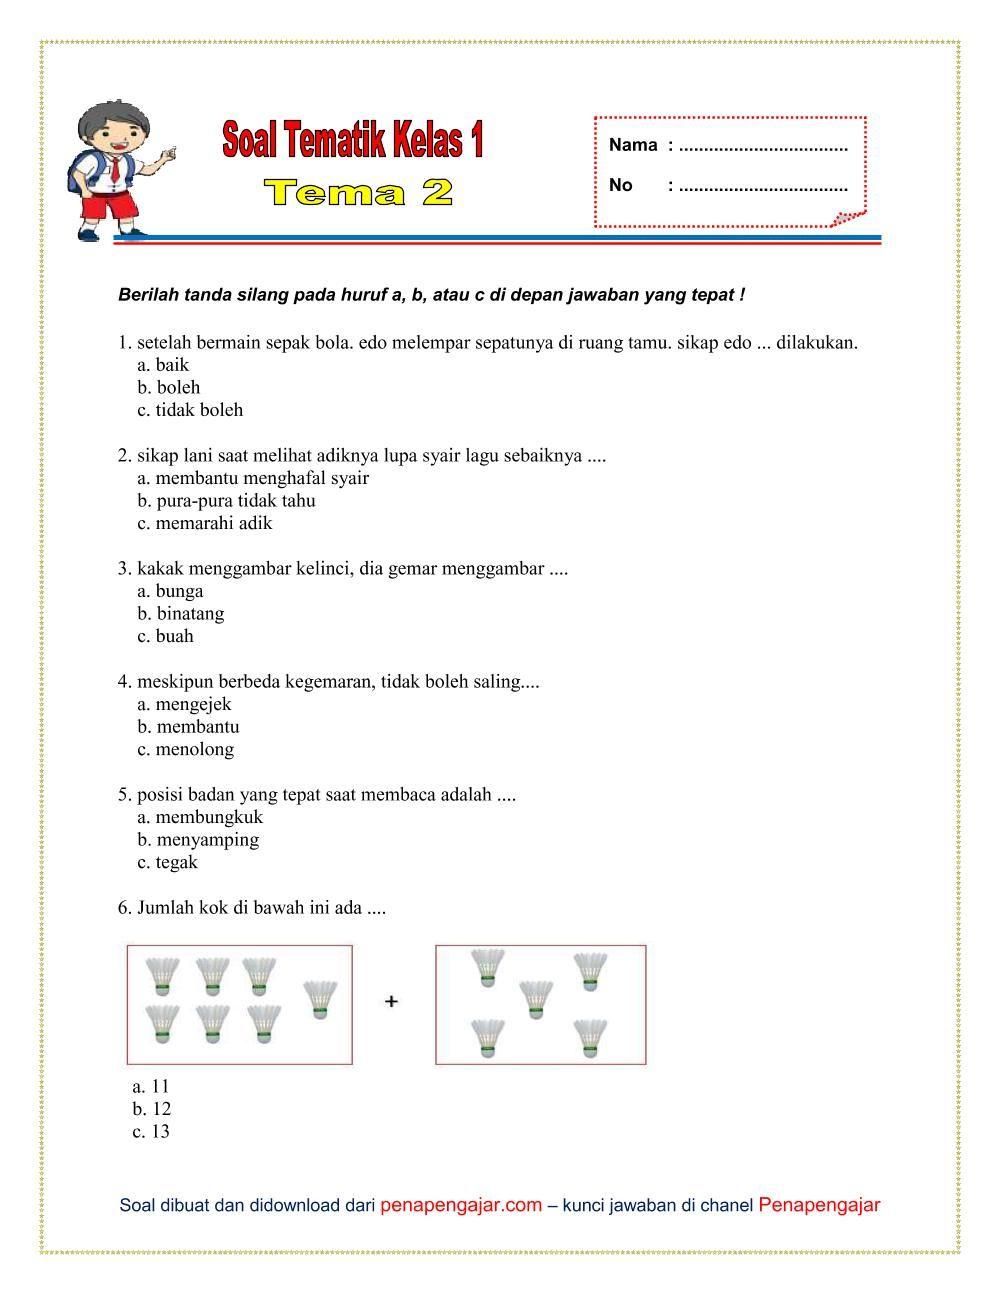 Soal Tema 2 Kelas 1 Semester 1 Kurikulum 2013 Revisi Terbaru Kurikulum Berkelas Lagu